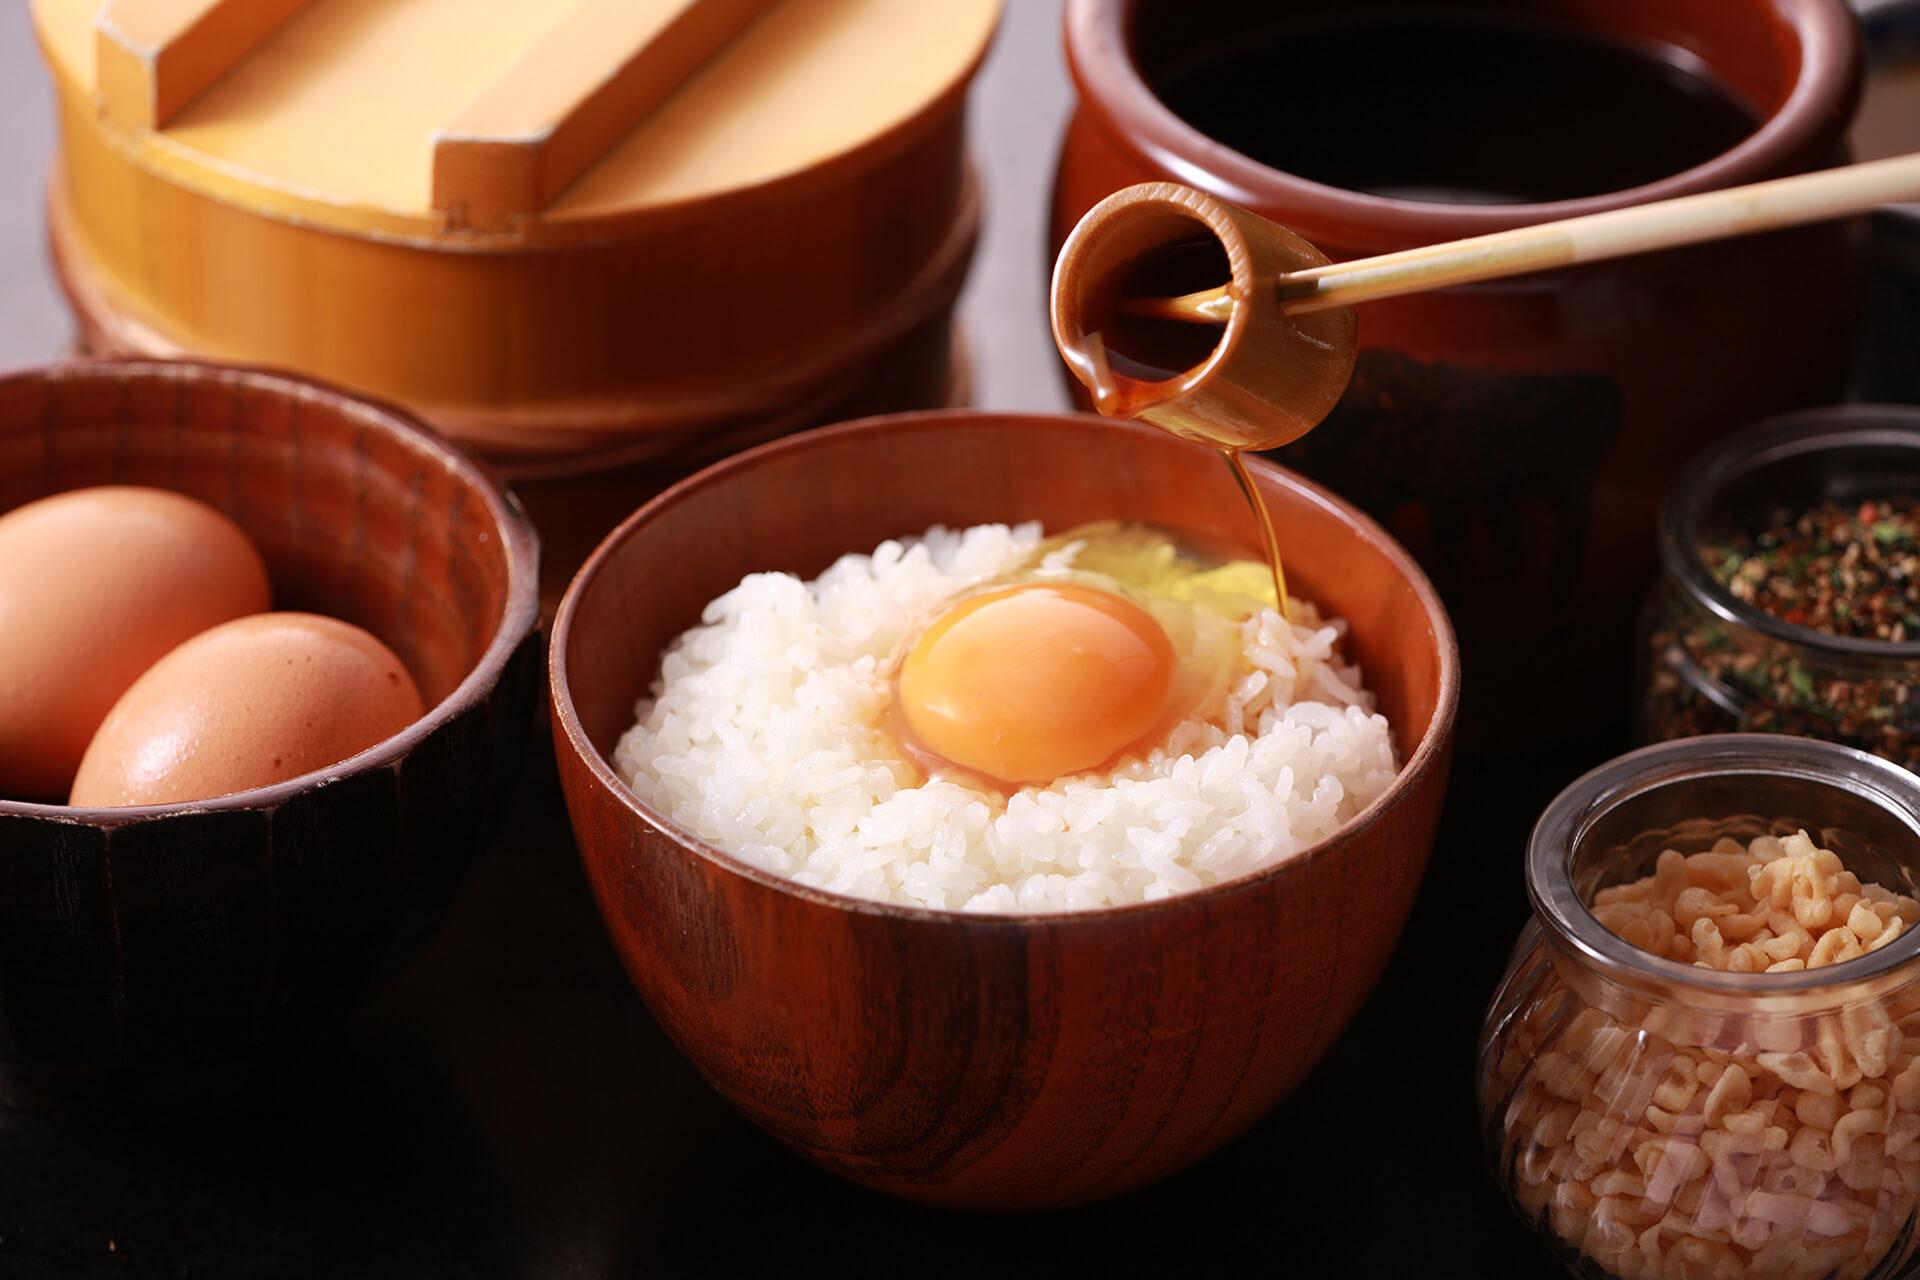 この写真は、東急百貨店吉祥寺店3階で開催される『卵かけご飯』イベントのイメージ。提供されるたまごかけご飯の様子です